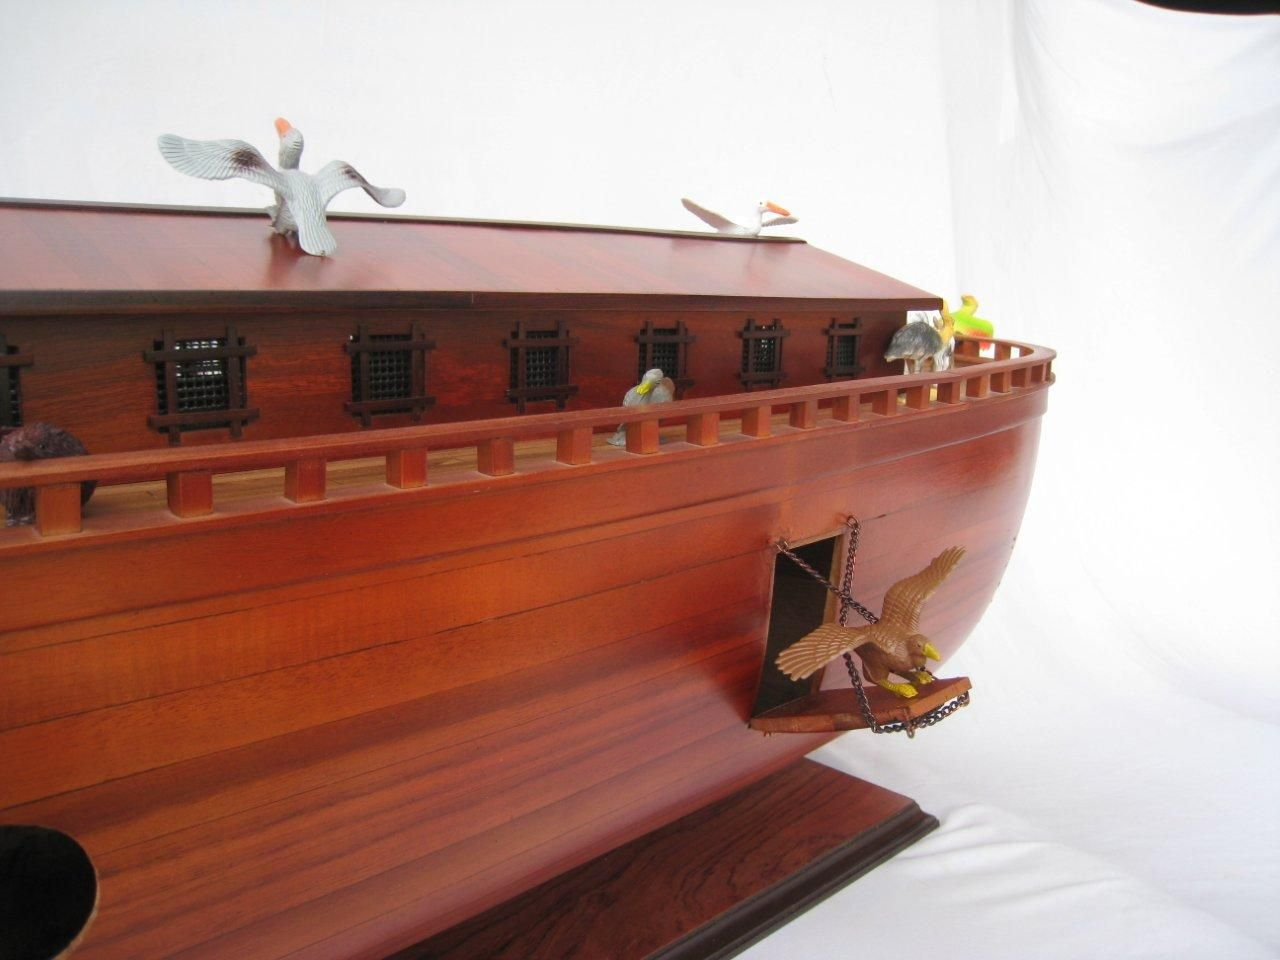 2043-12573-Noahs-Ark-Model